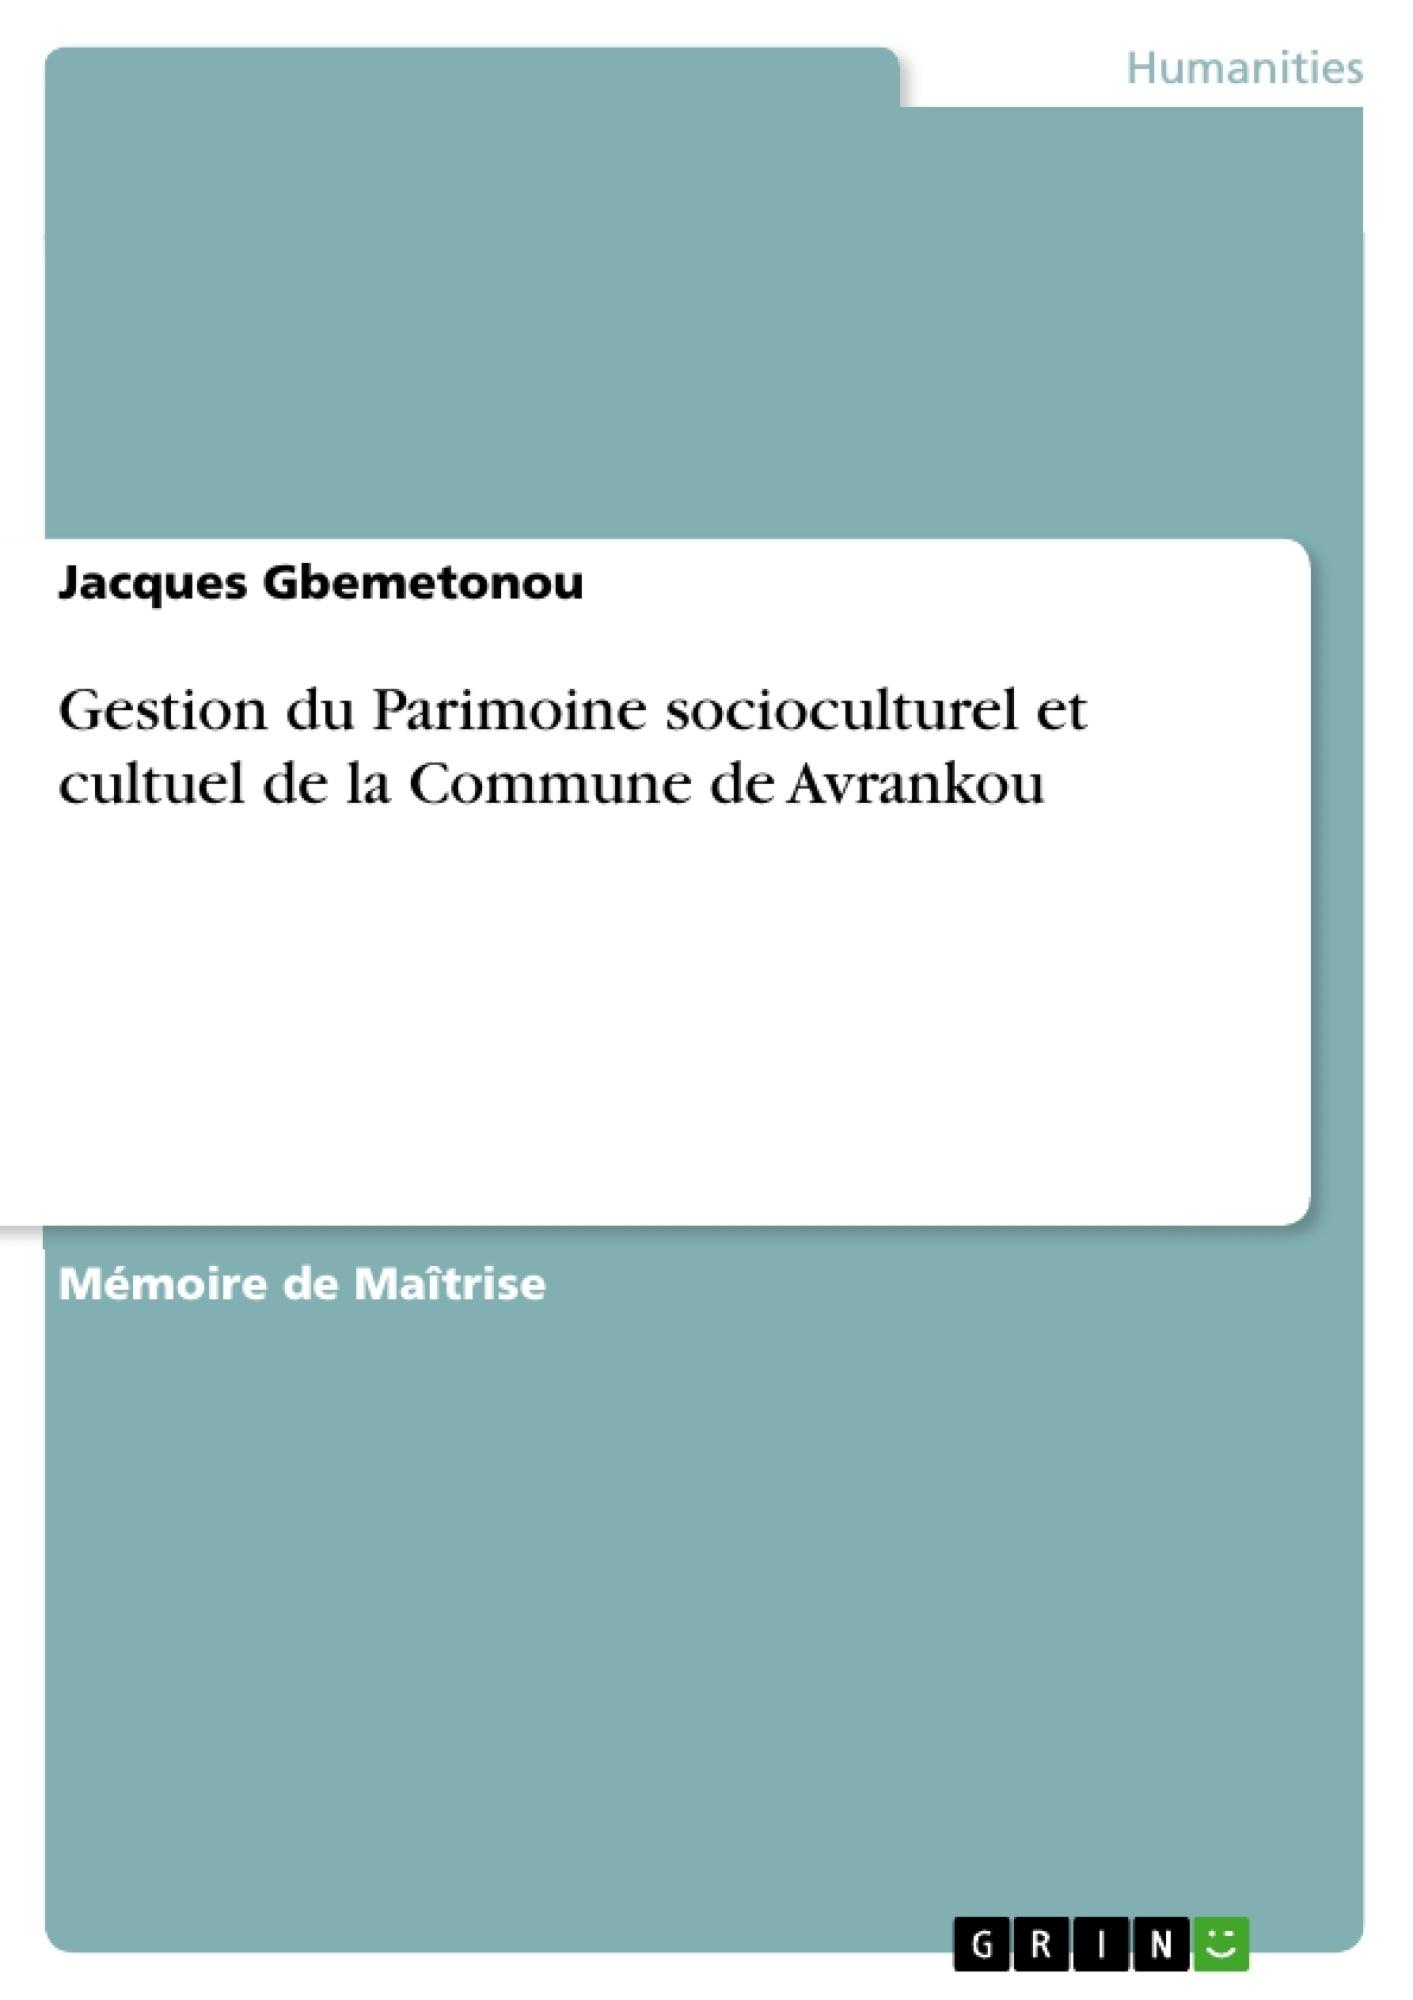 Titre: Gestion du Parimoine socioculturel et cultuel de la Commune de Avrankou